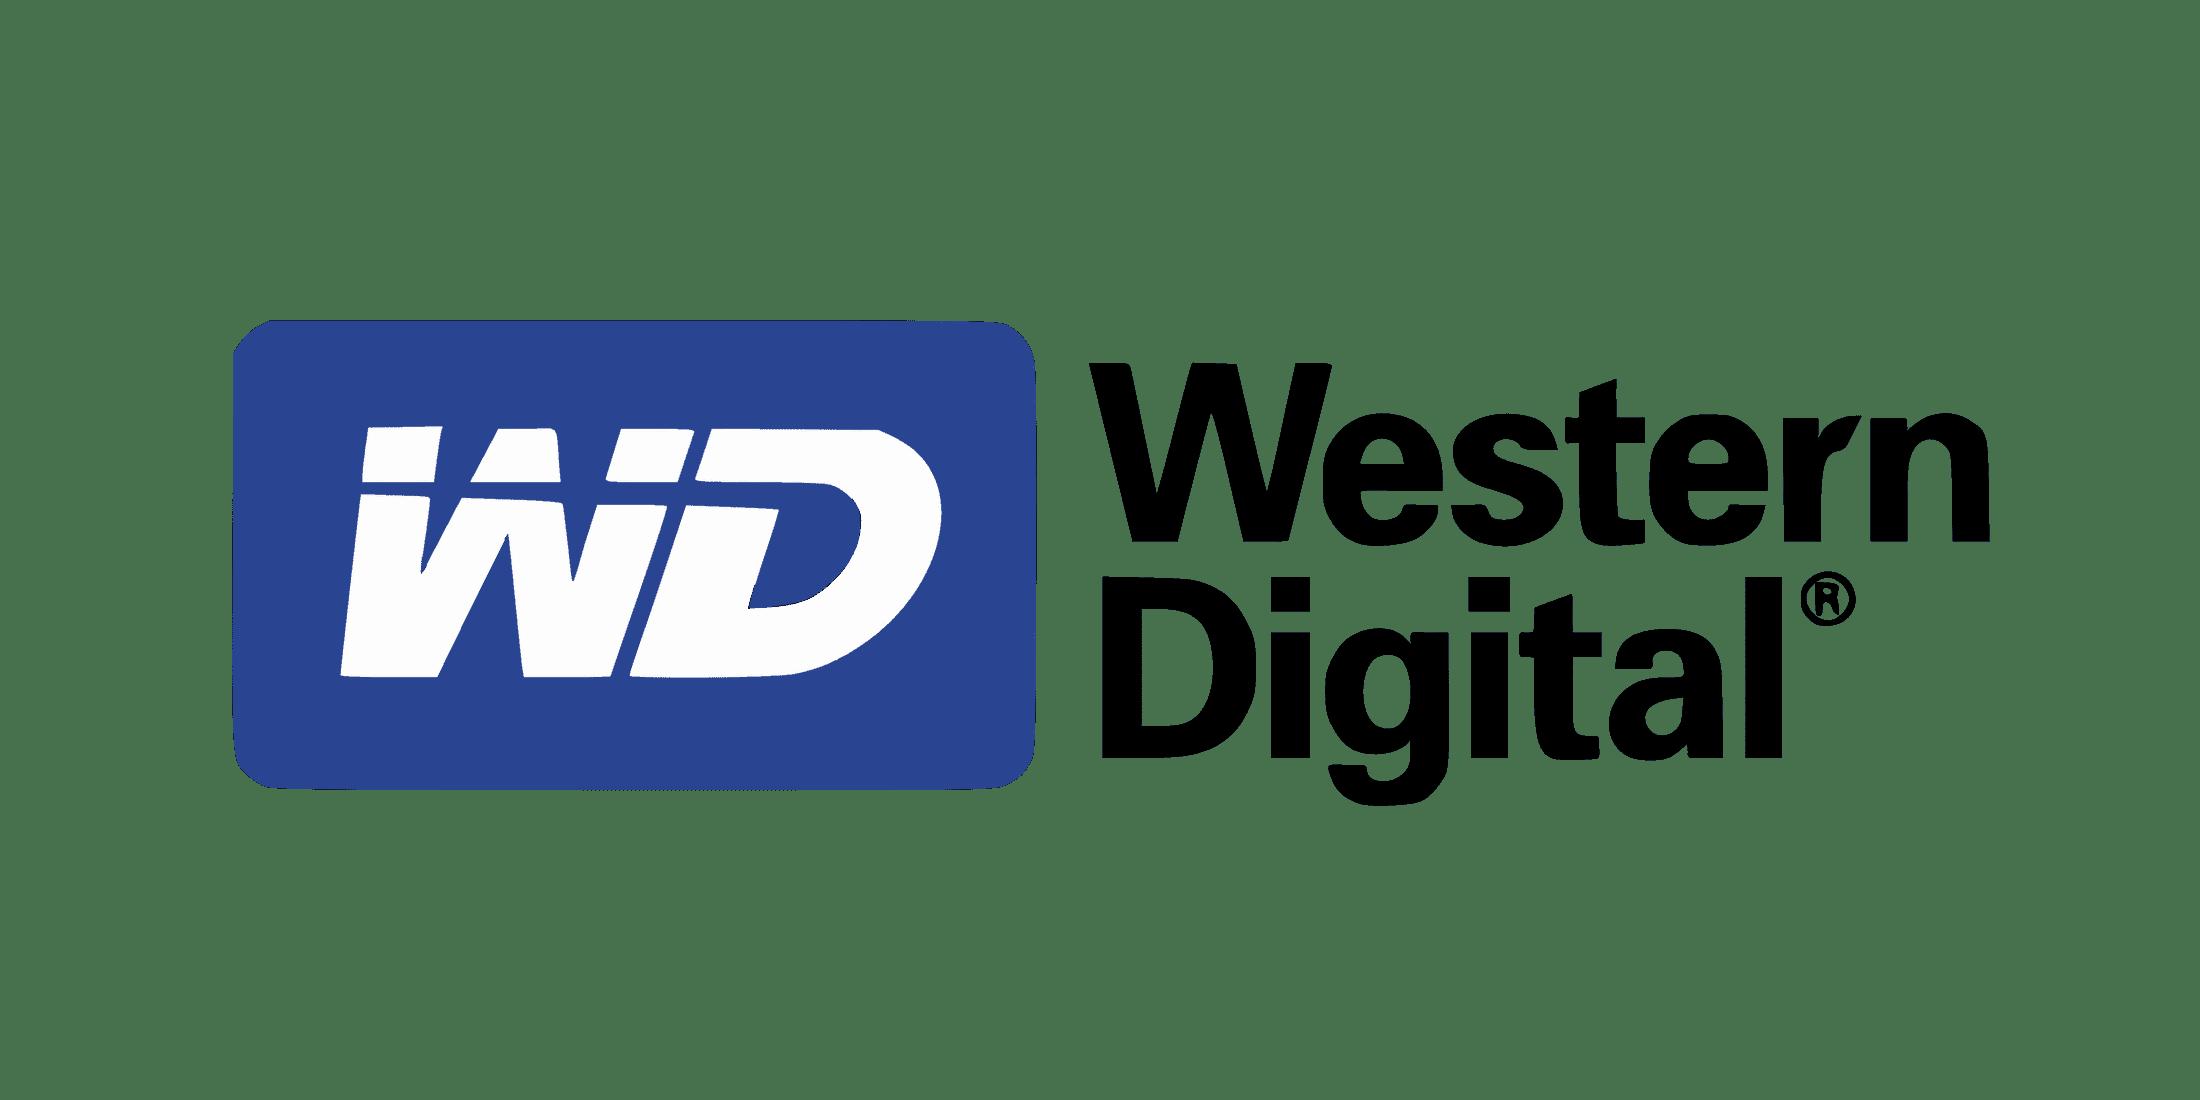 Logotipo de Western Digital